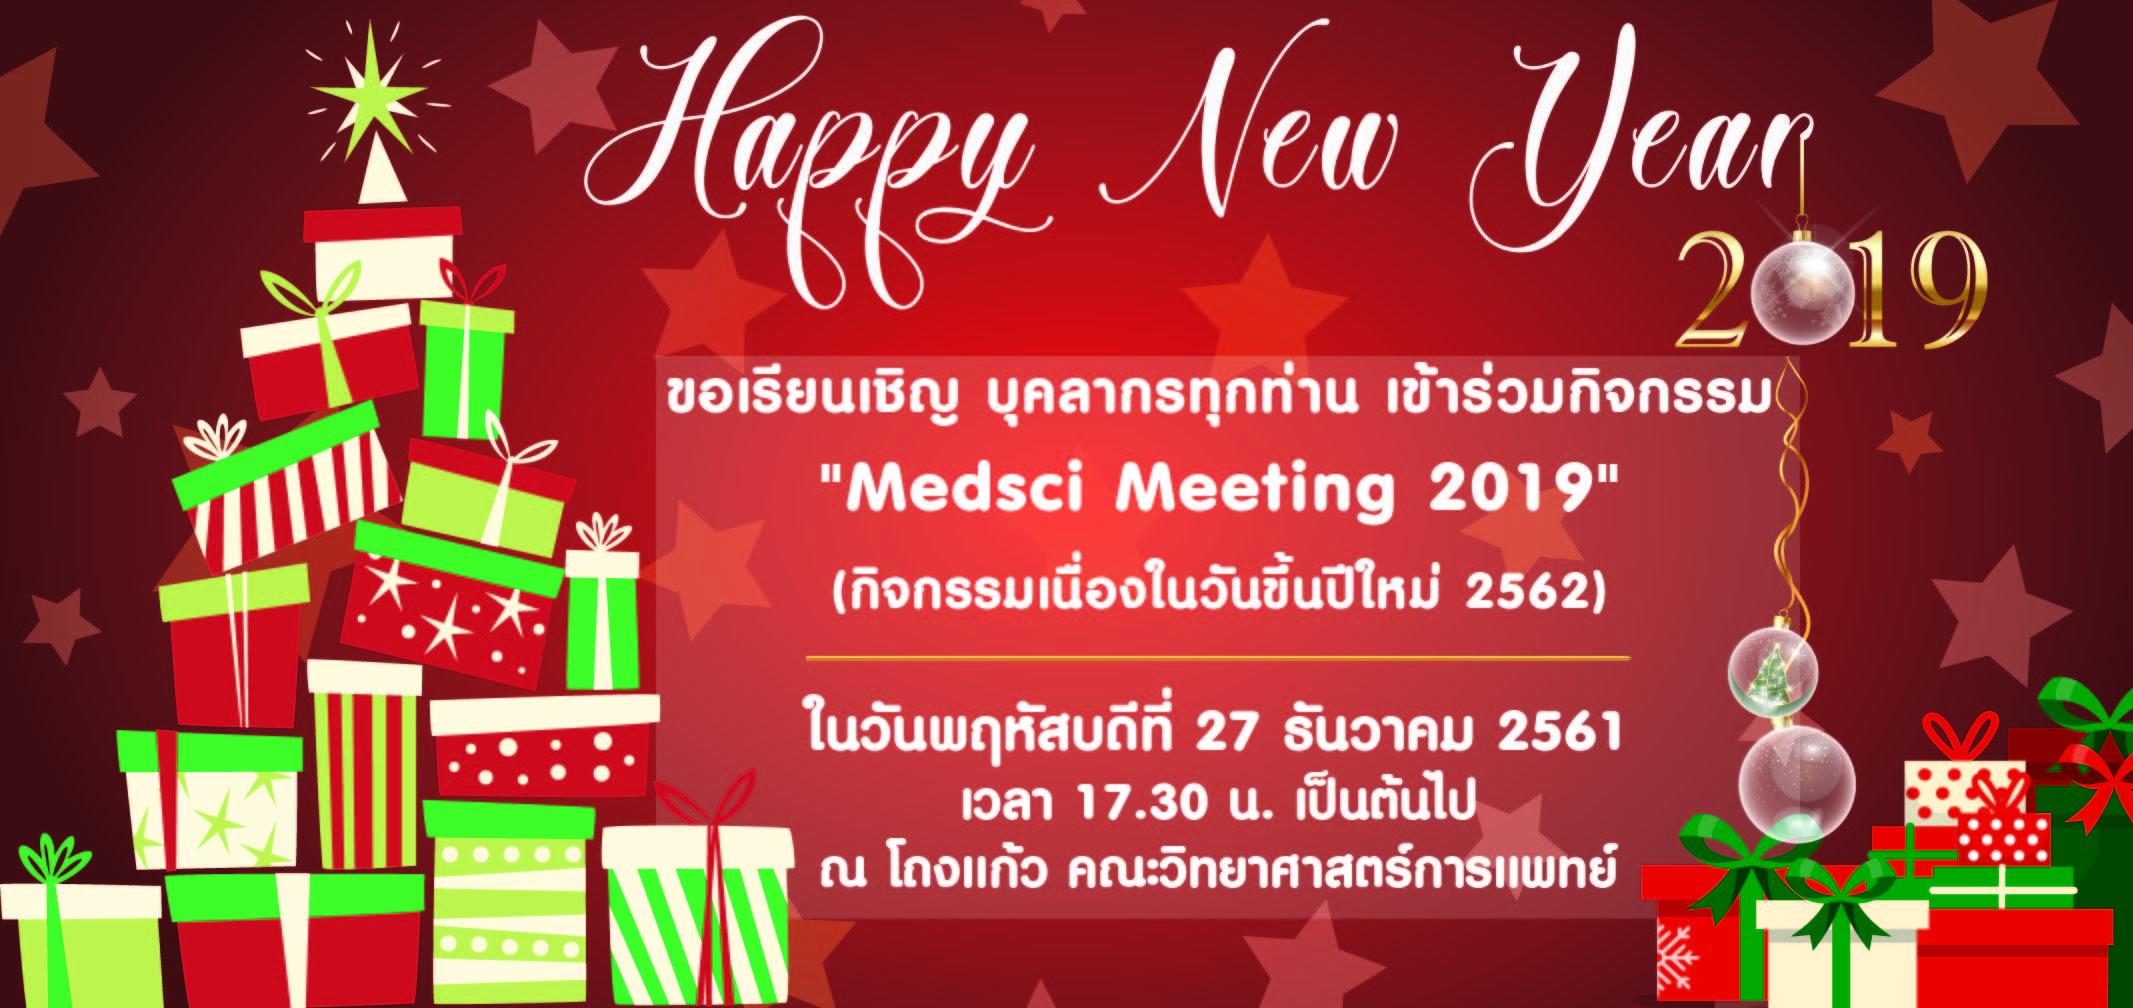 """ขอเรียนเชิญ บุคลากรทุกท่าน เข้าร่วมกิจกรรม """"Medsci Meeting 2019"""" (กิจกรรมเนื่องในวันขึ้นปีใหม่ 2562)  ในวันพฤหัสบดีที่ 27 ธันวาคม 2561 เวลา 17.30 น. เป็นต้นไป"""